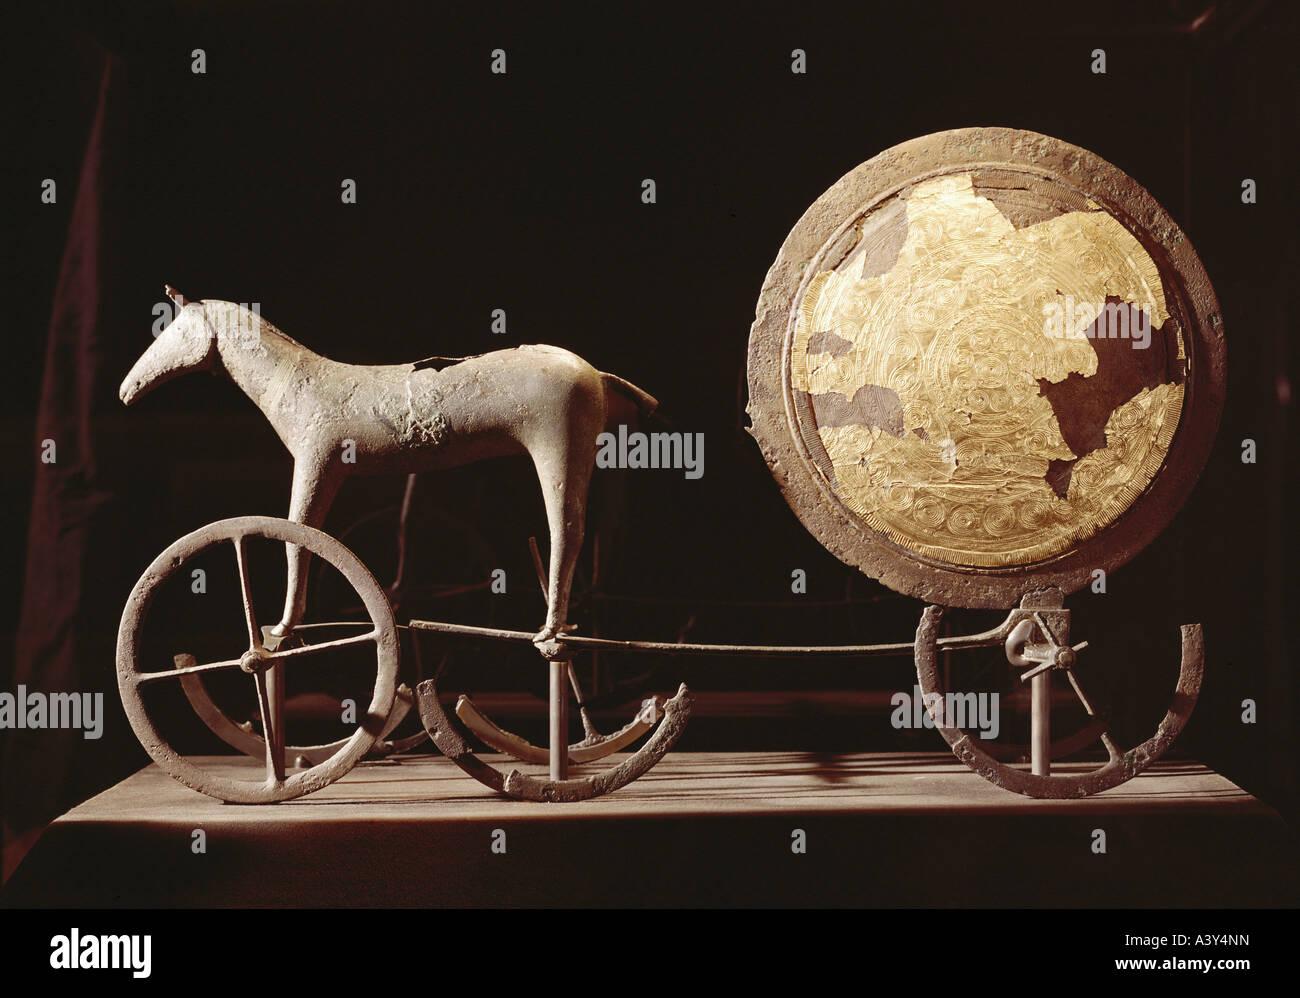 Bellas artes, de la edad del bronce, Trundholm sun chariot, circa 1400 BC, bronce y oro, Museo Nacional de Copenhague, Dinamarca, la religión, la 15a. Foto de stock